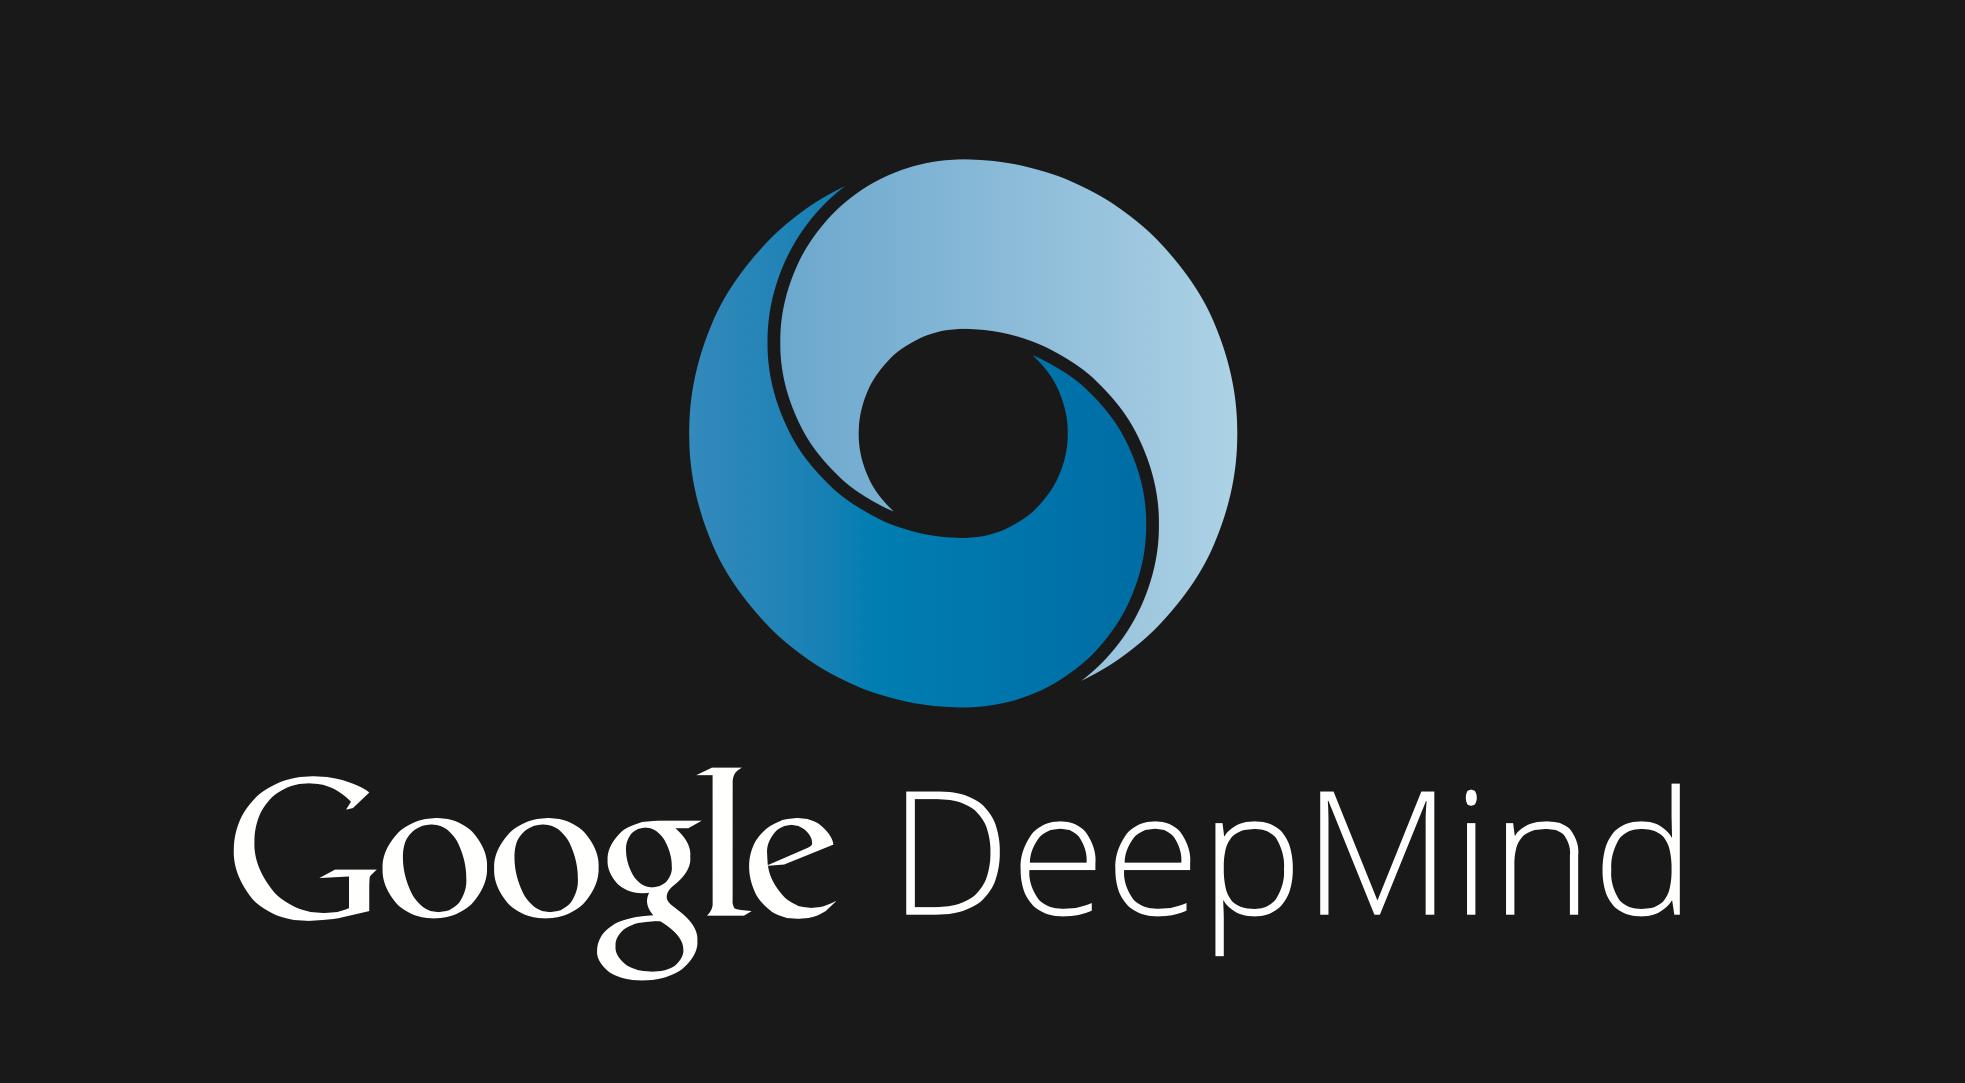 DeepMind comienza a formar el futuro con avances en IA